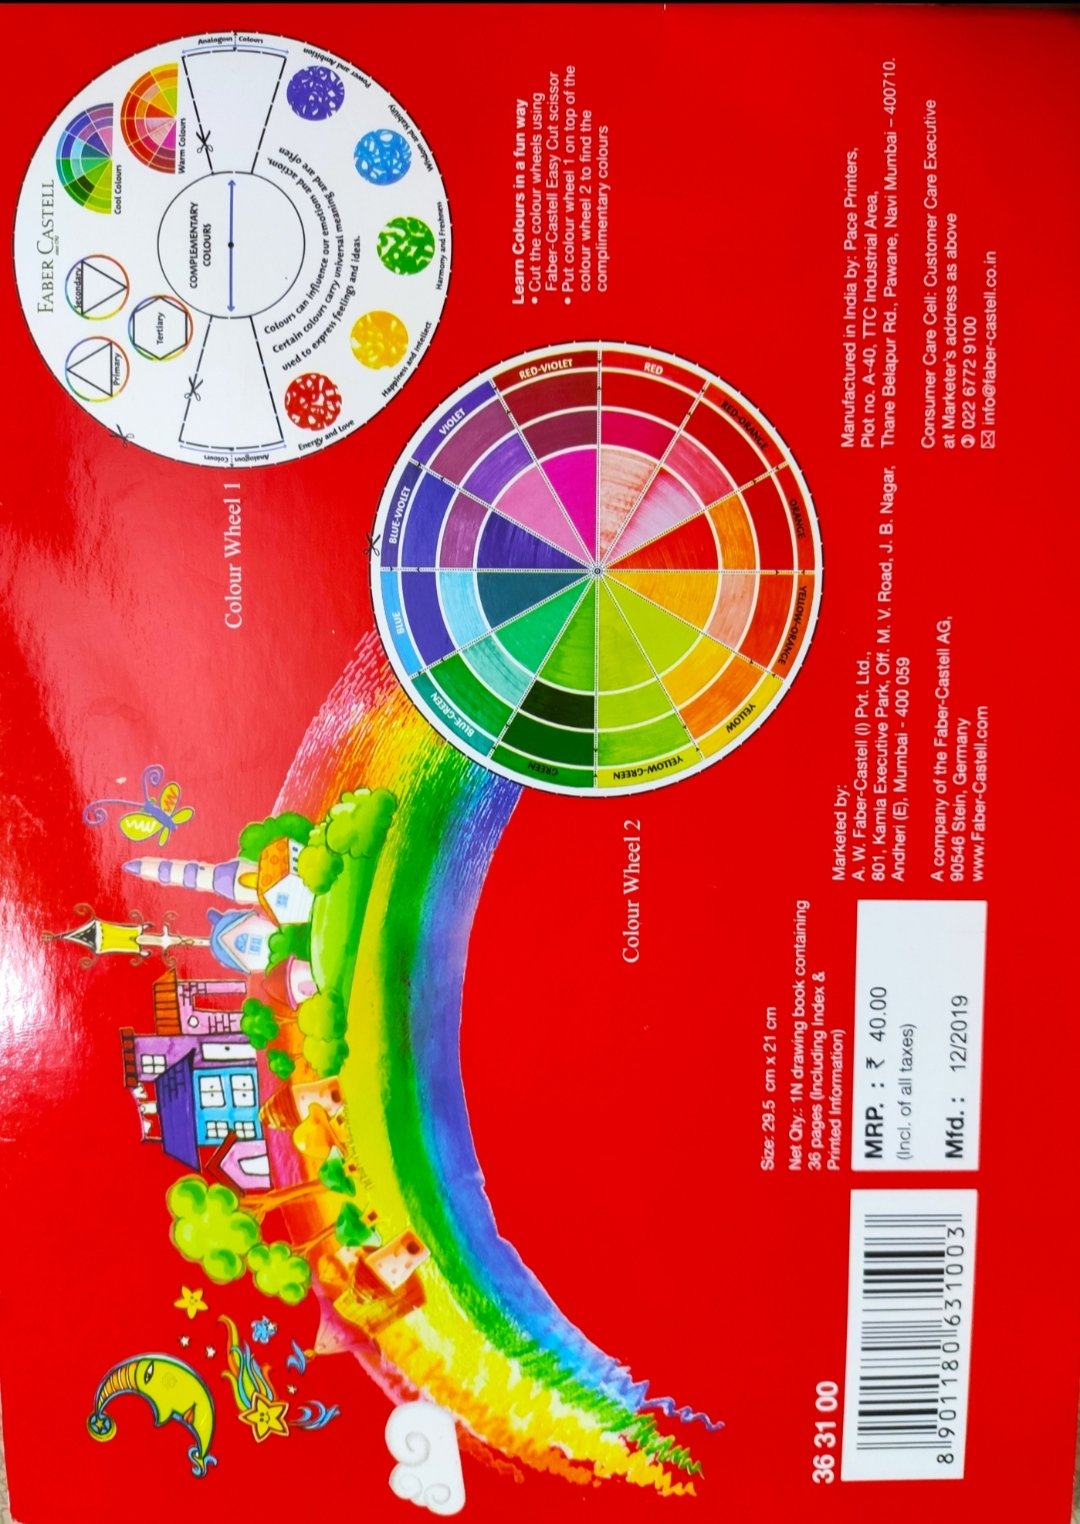 Color wheel, warm colors, cool colors